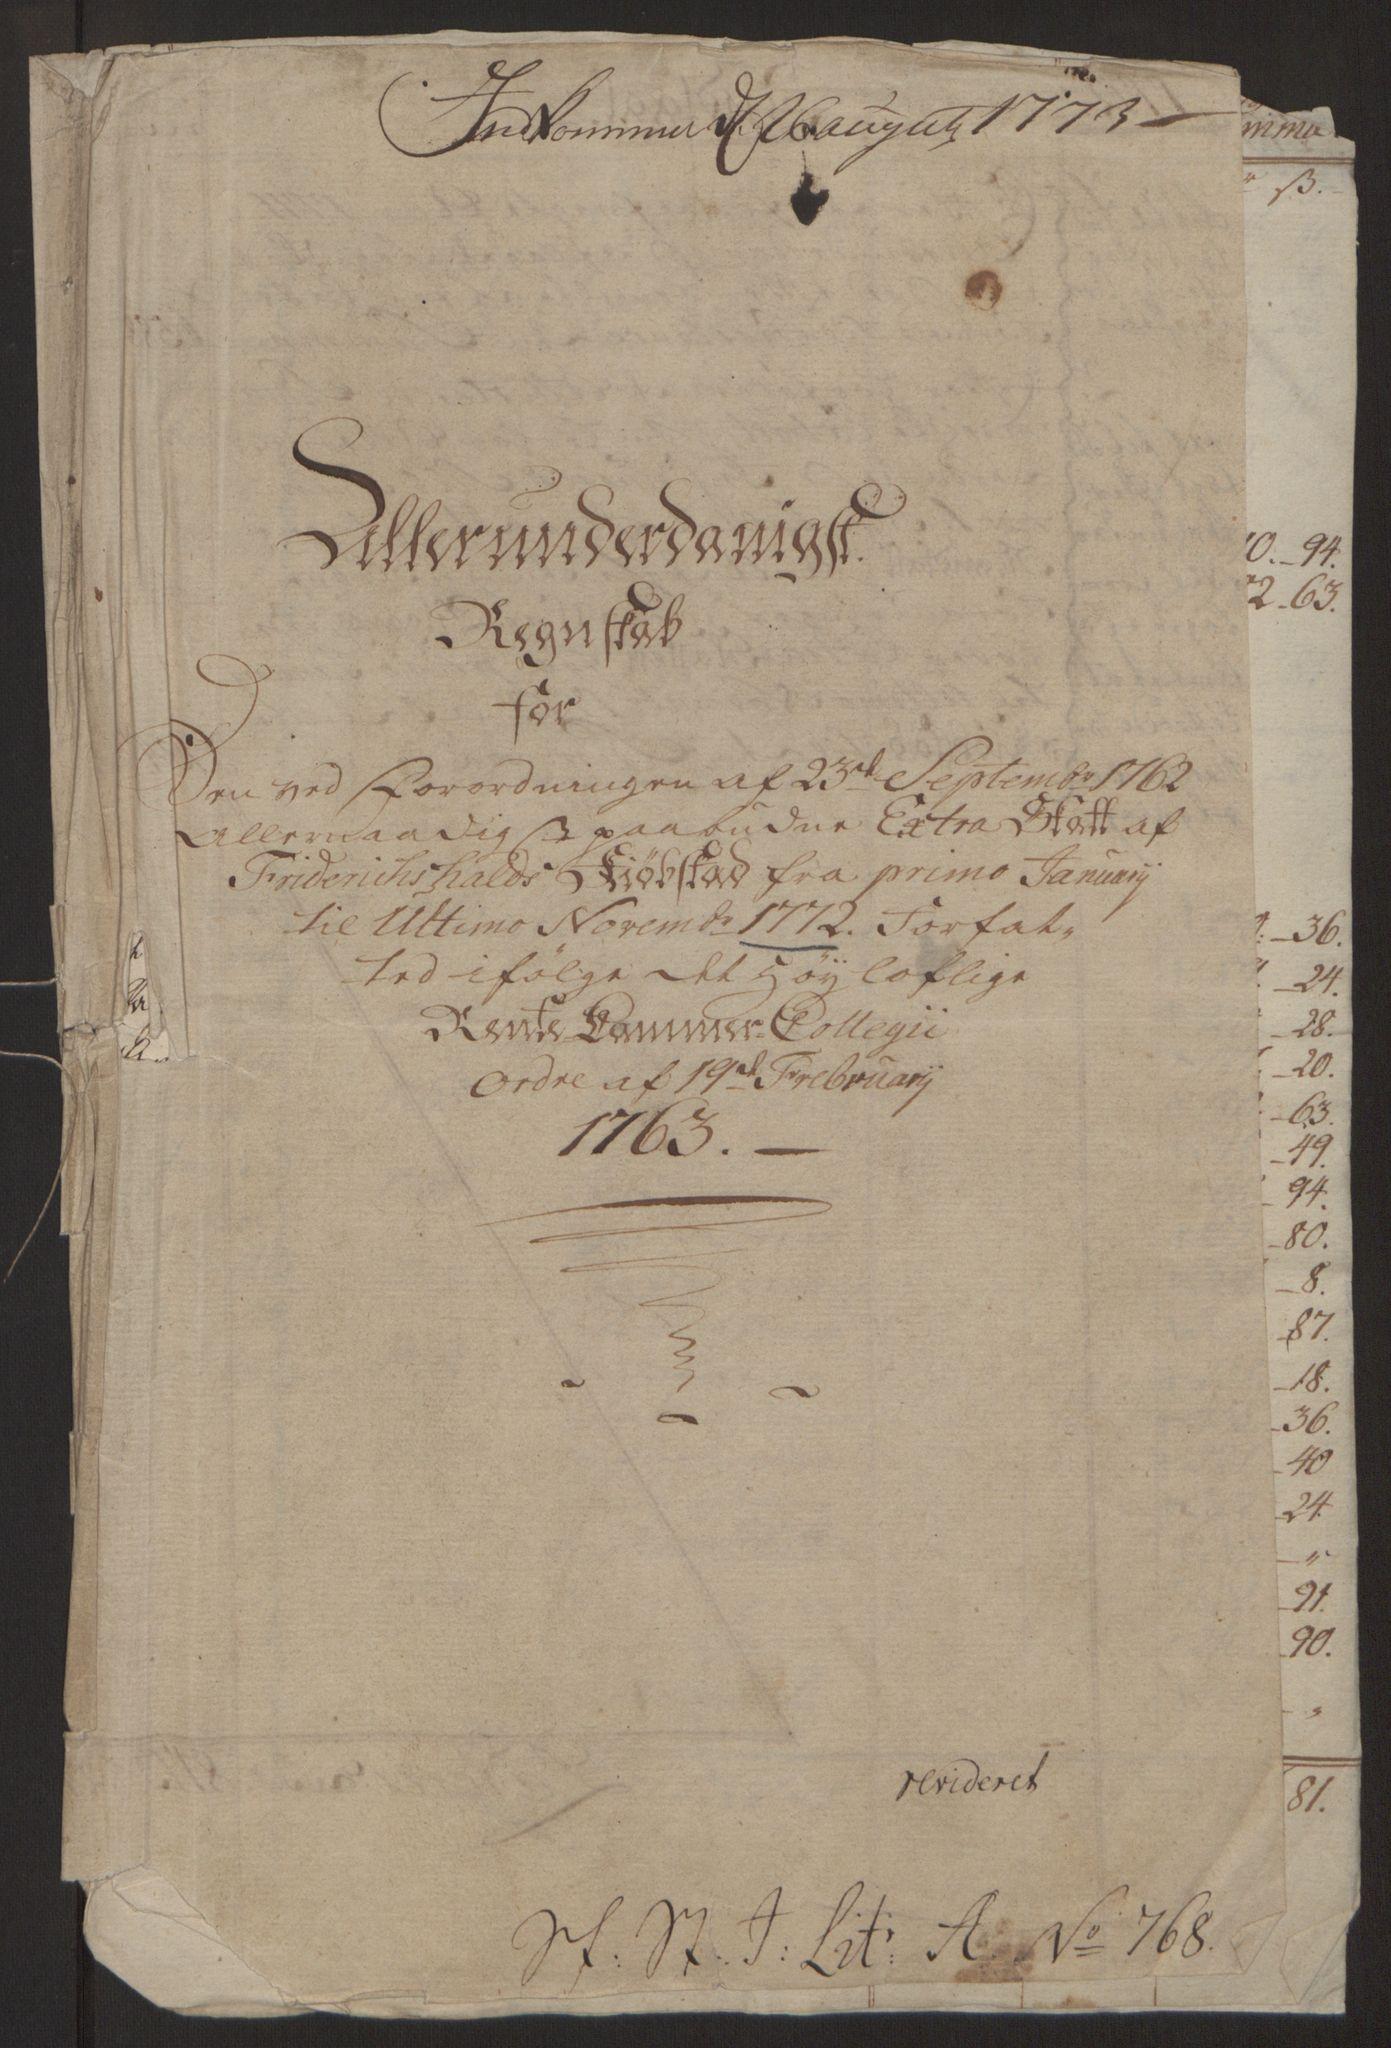 RA, Rentekammeret inntil 1814, Reviderte regnskaper, Byregnskaper, R/Ra/L0006: [A4] Kontribusjonsregnskap, 1762-1772, s. 269